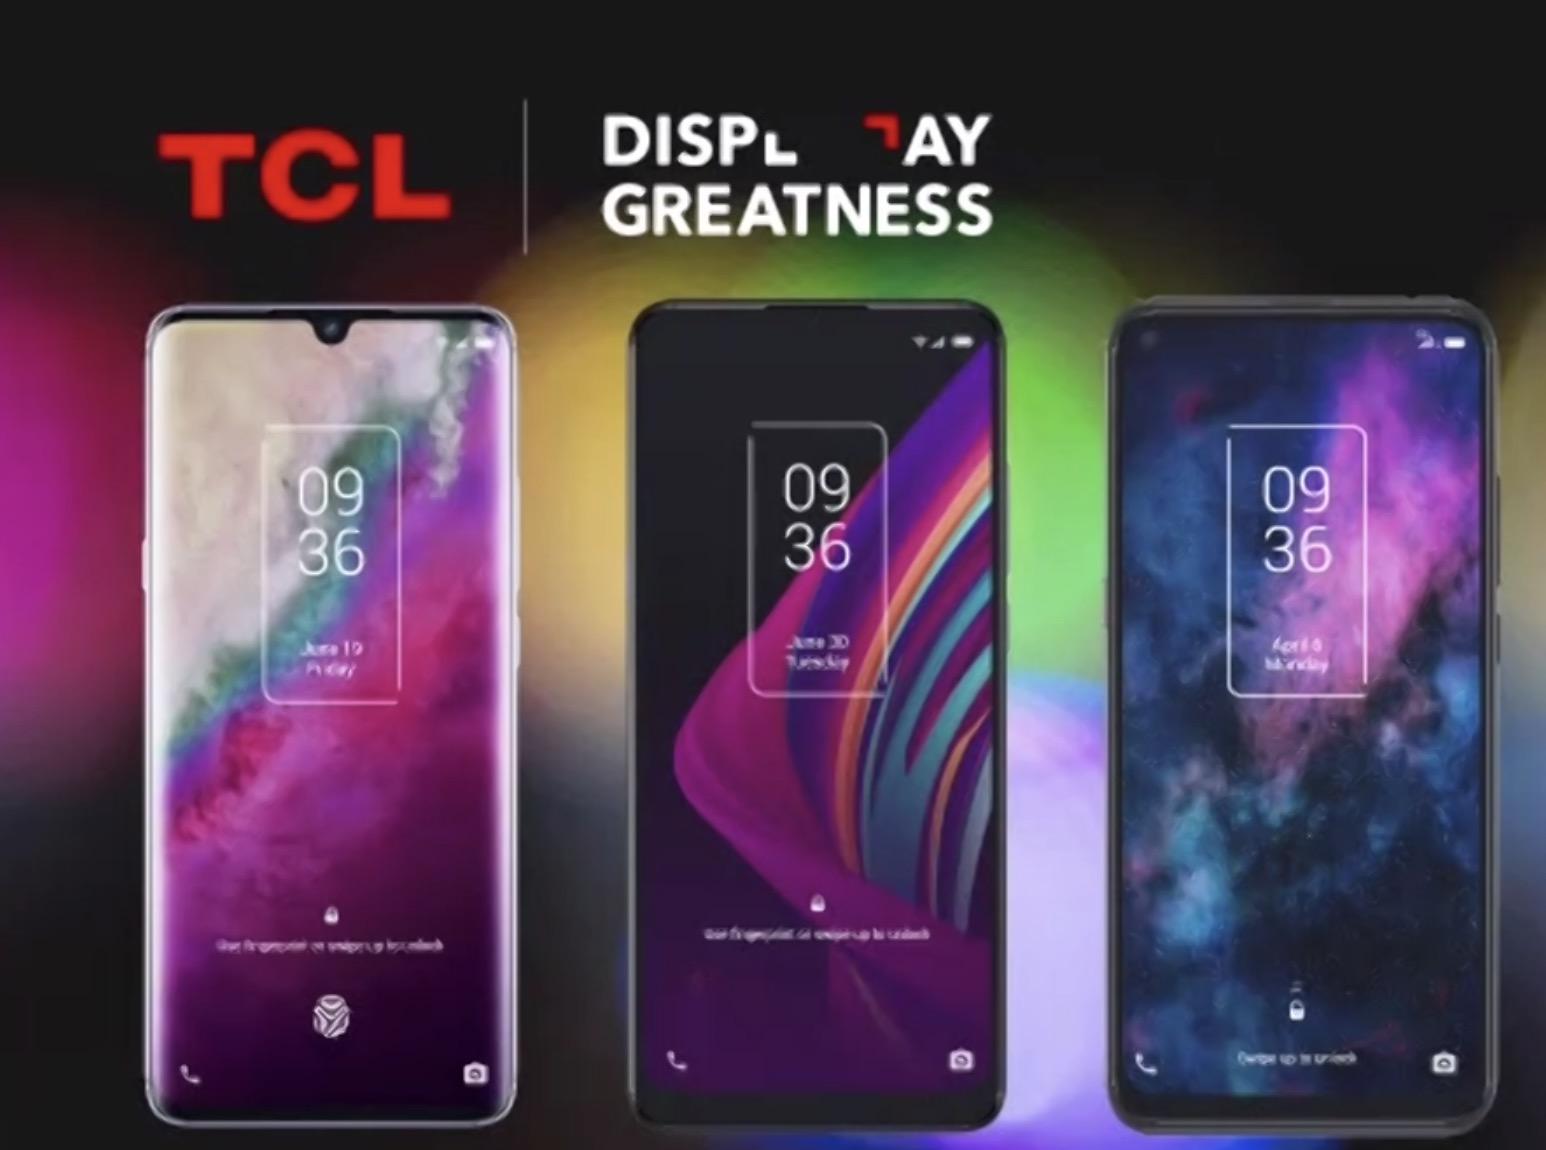 TCL smartfony